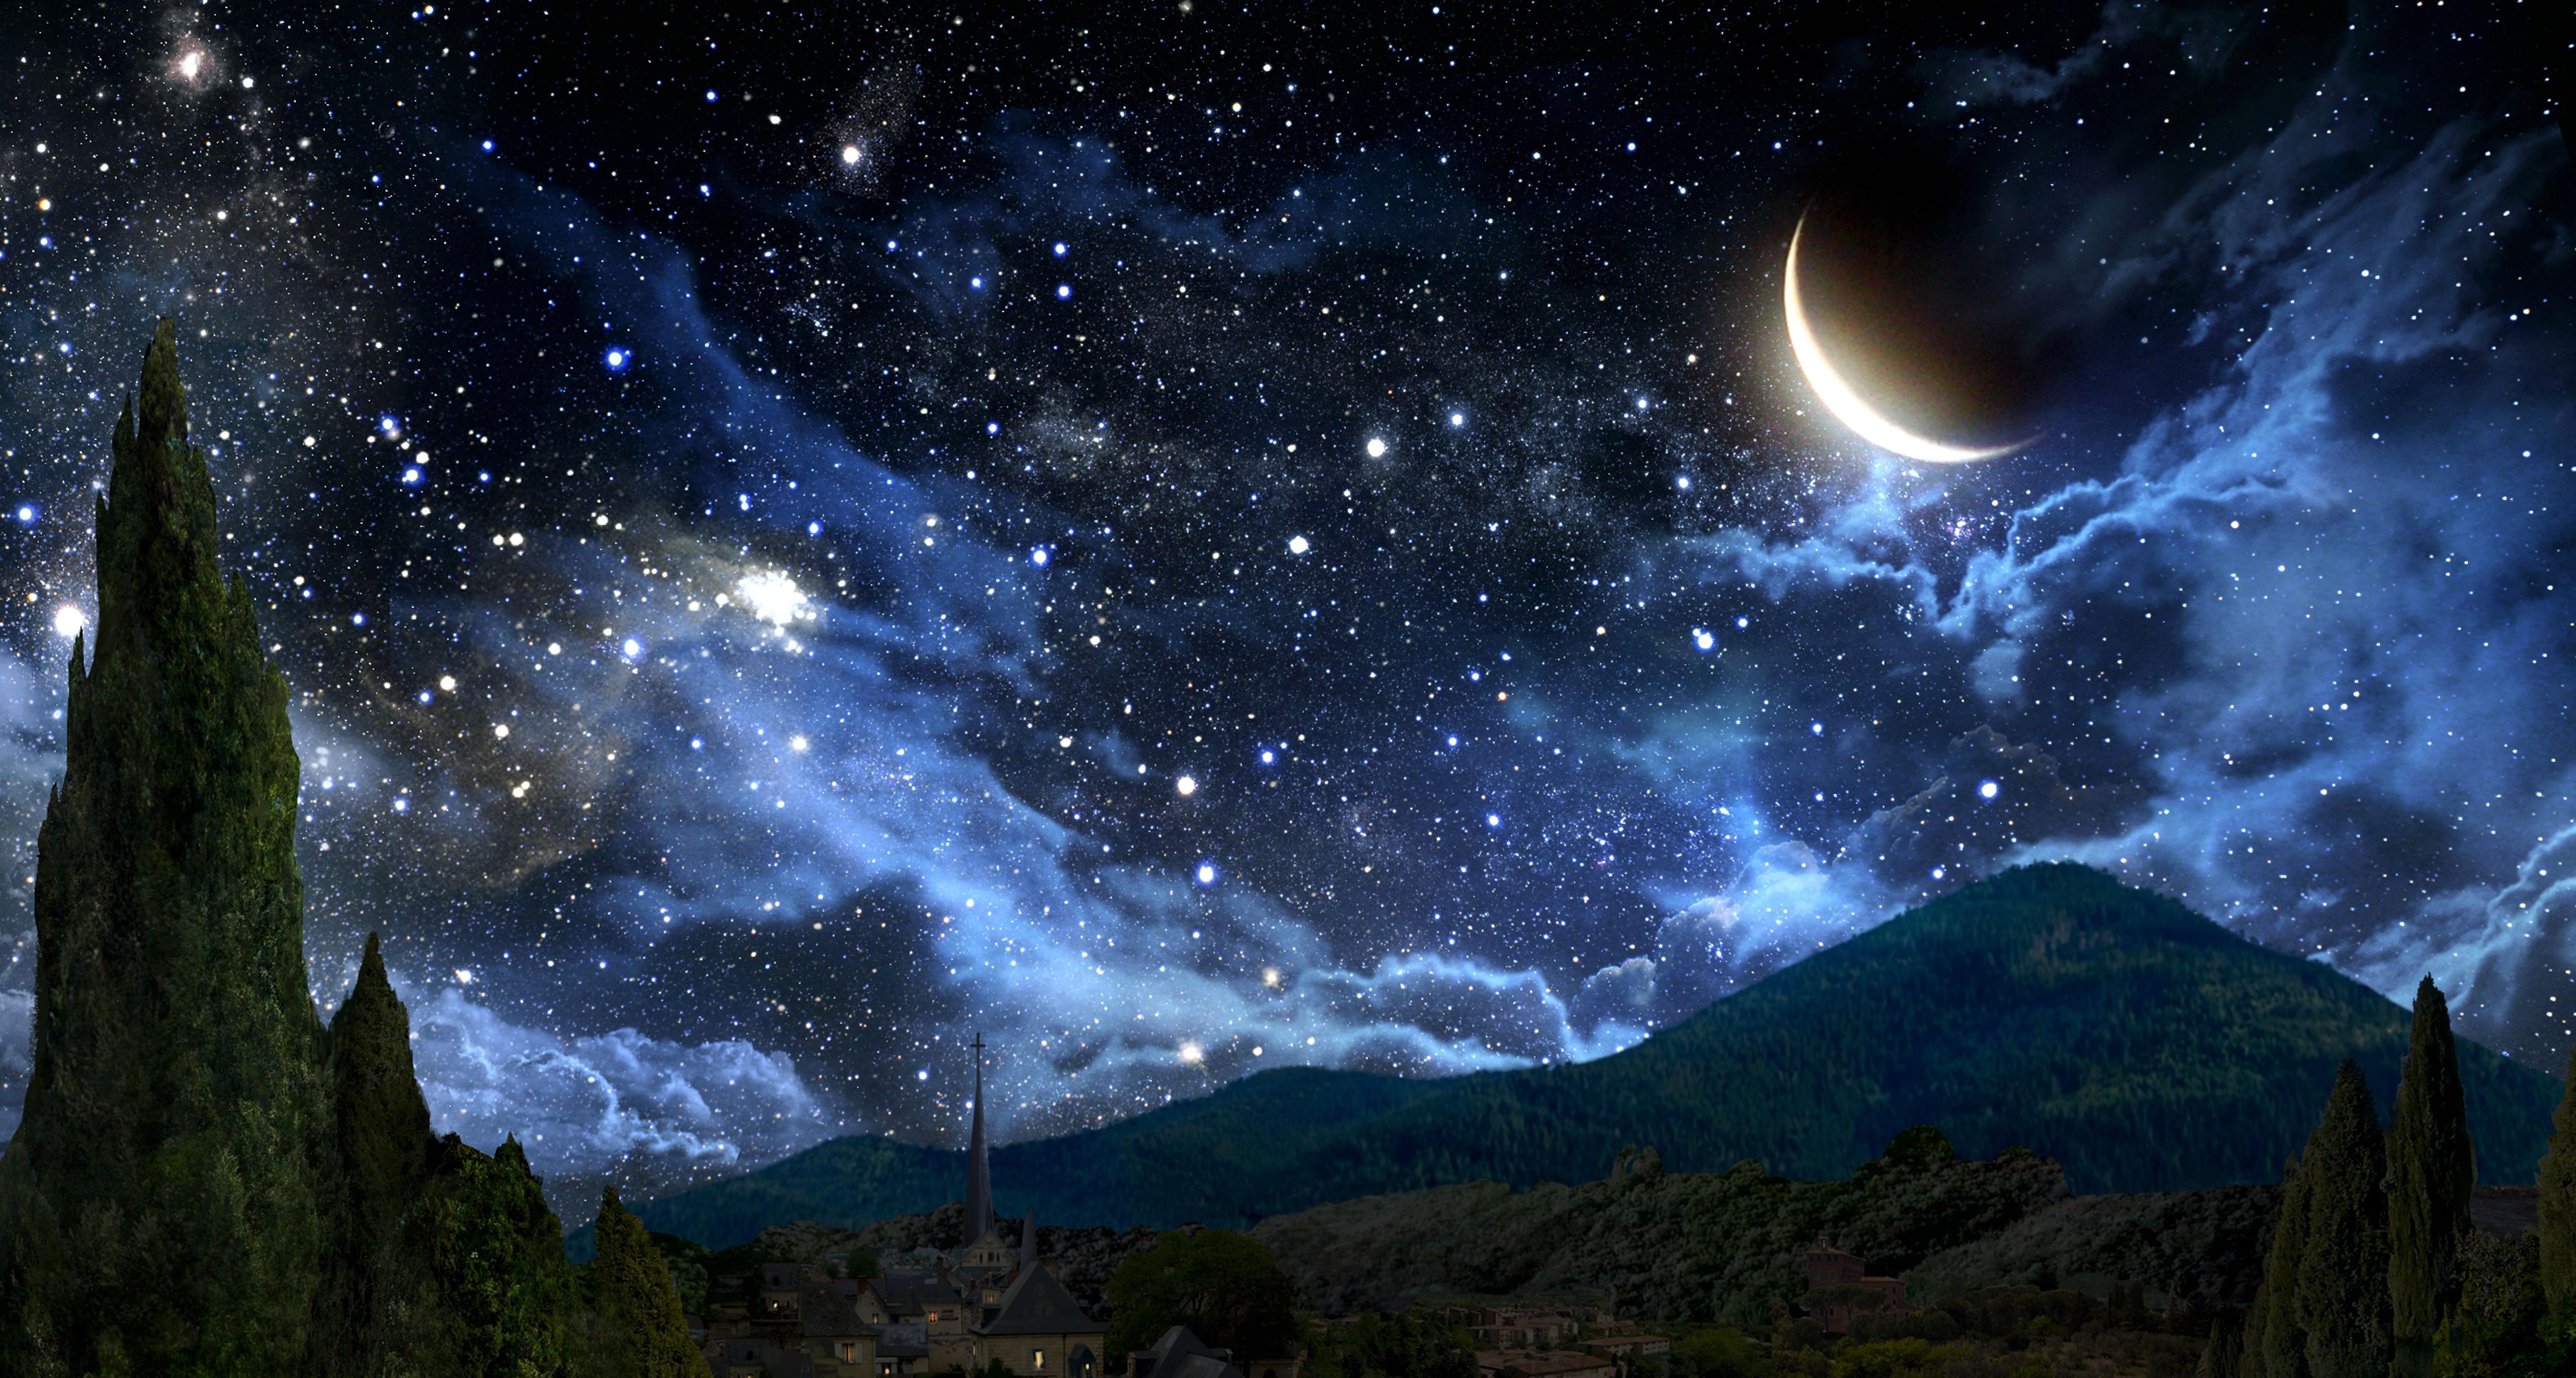 El Clima Cósmico Informe De Luna Nueva 8216 Por Rev Irma Kaye